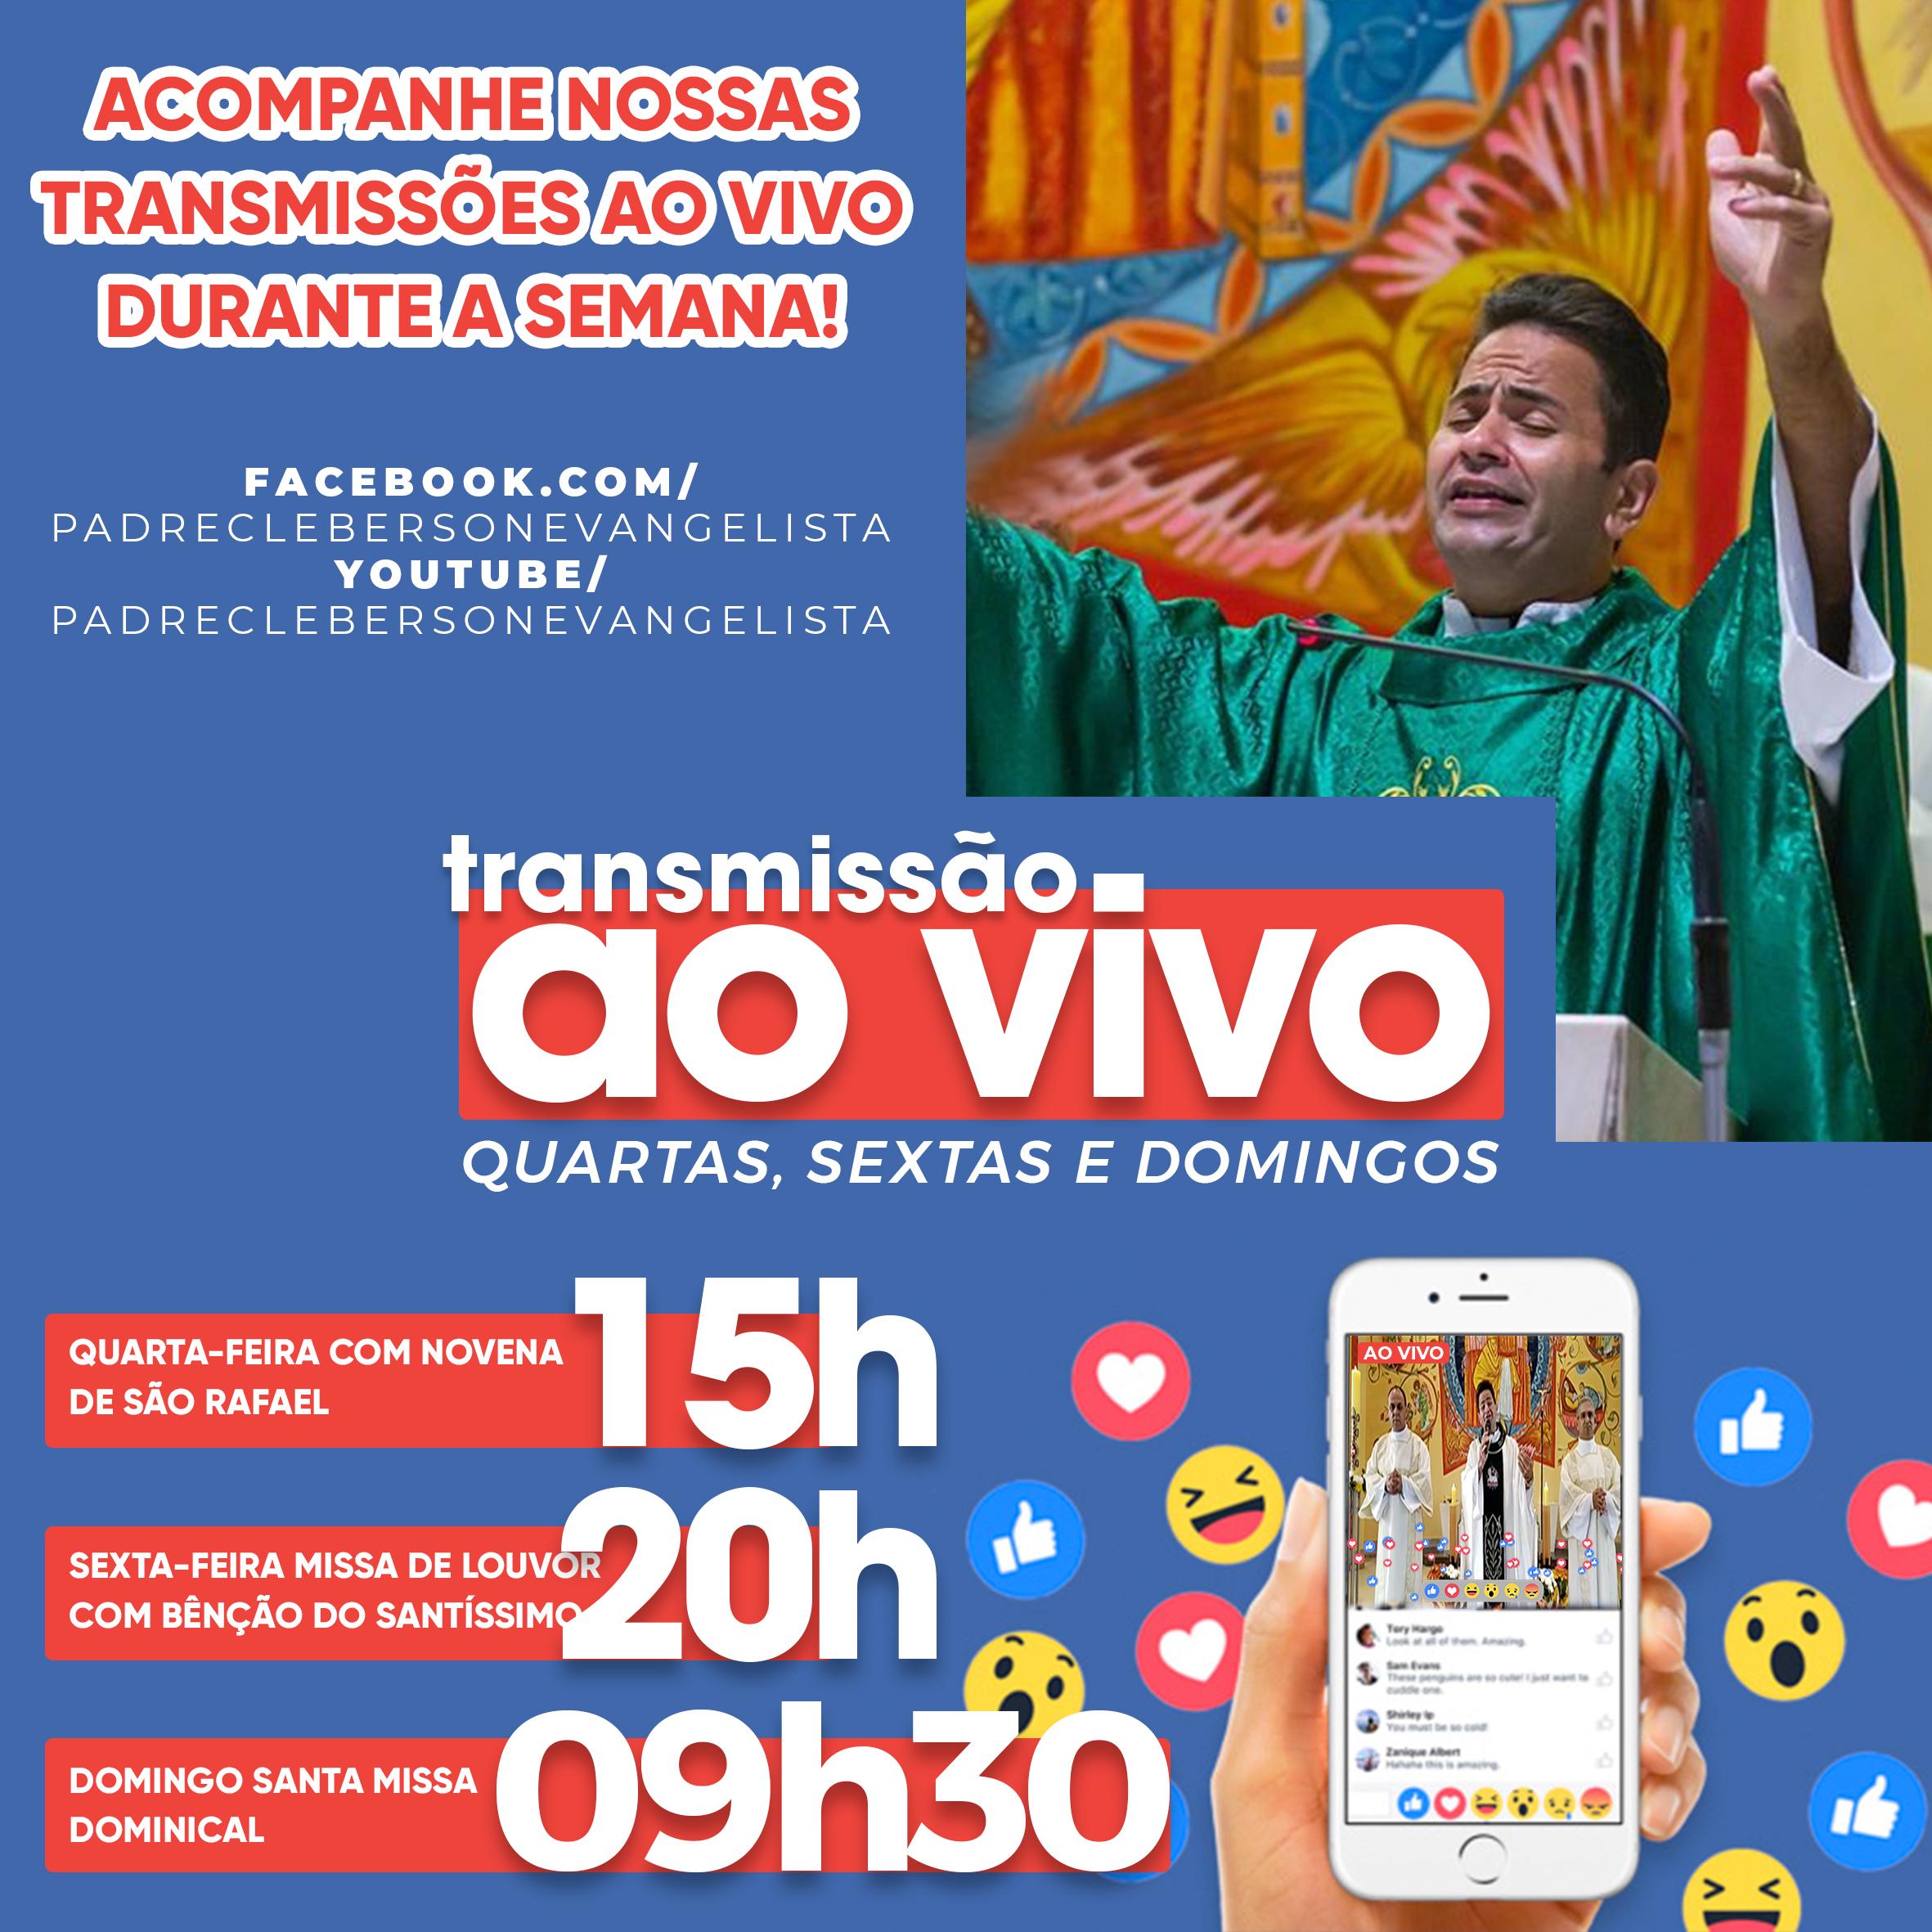 ATENÇÃO! Novo horário de transmissão da Missa Dominical